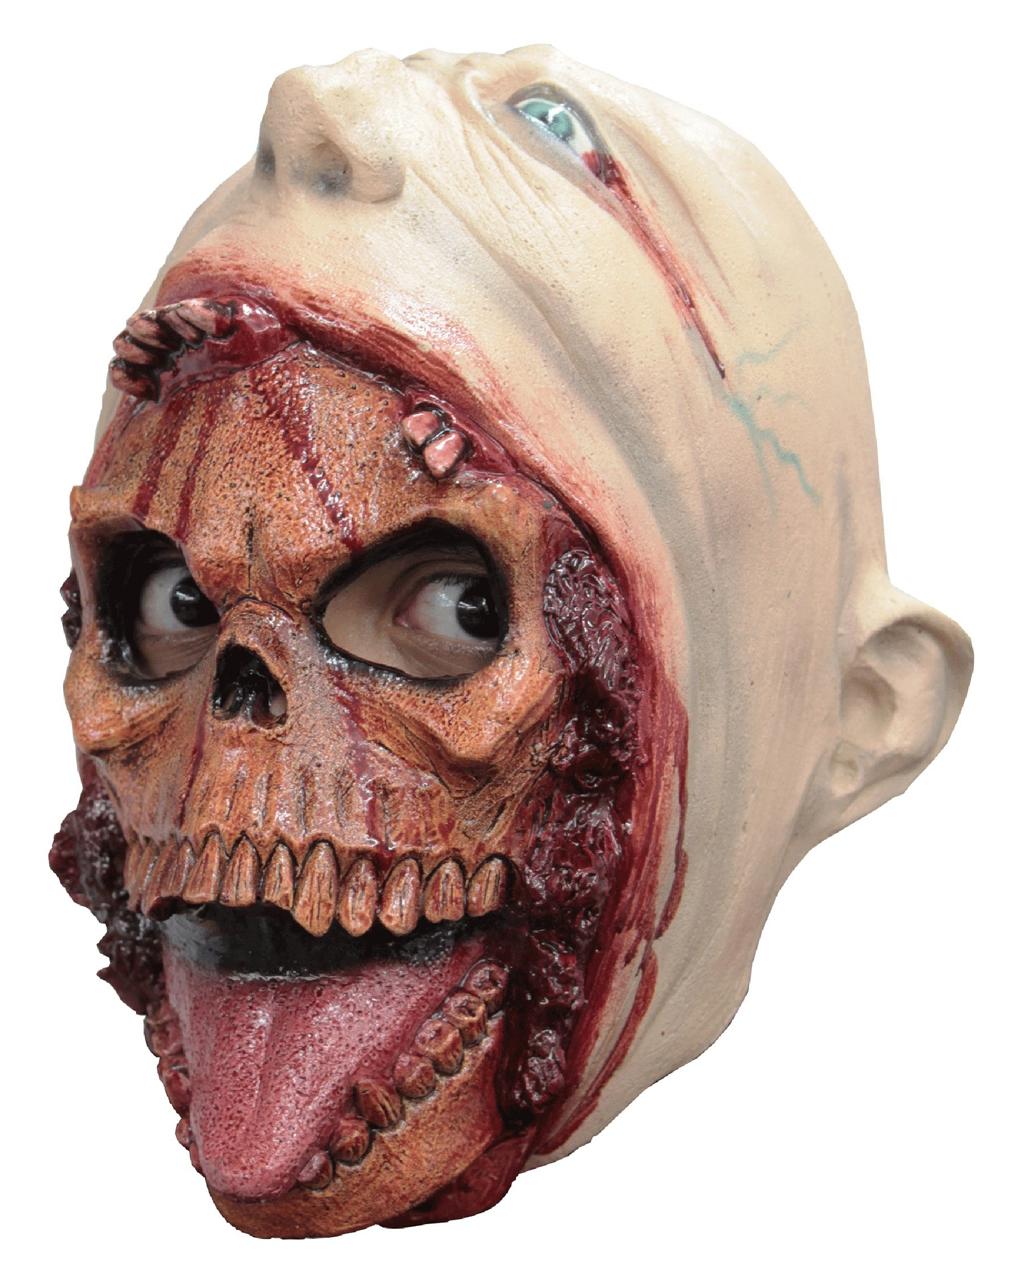 Parasit Horror Kinder Maske Halloween Maske Horror Shop Com